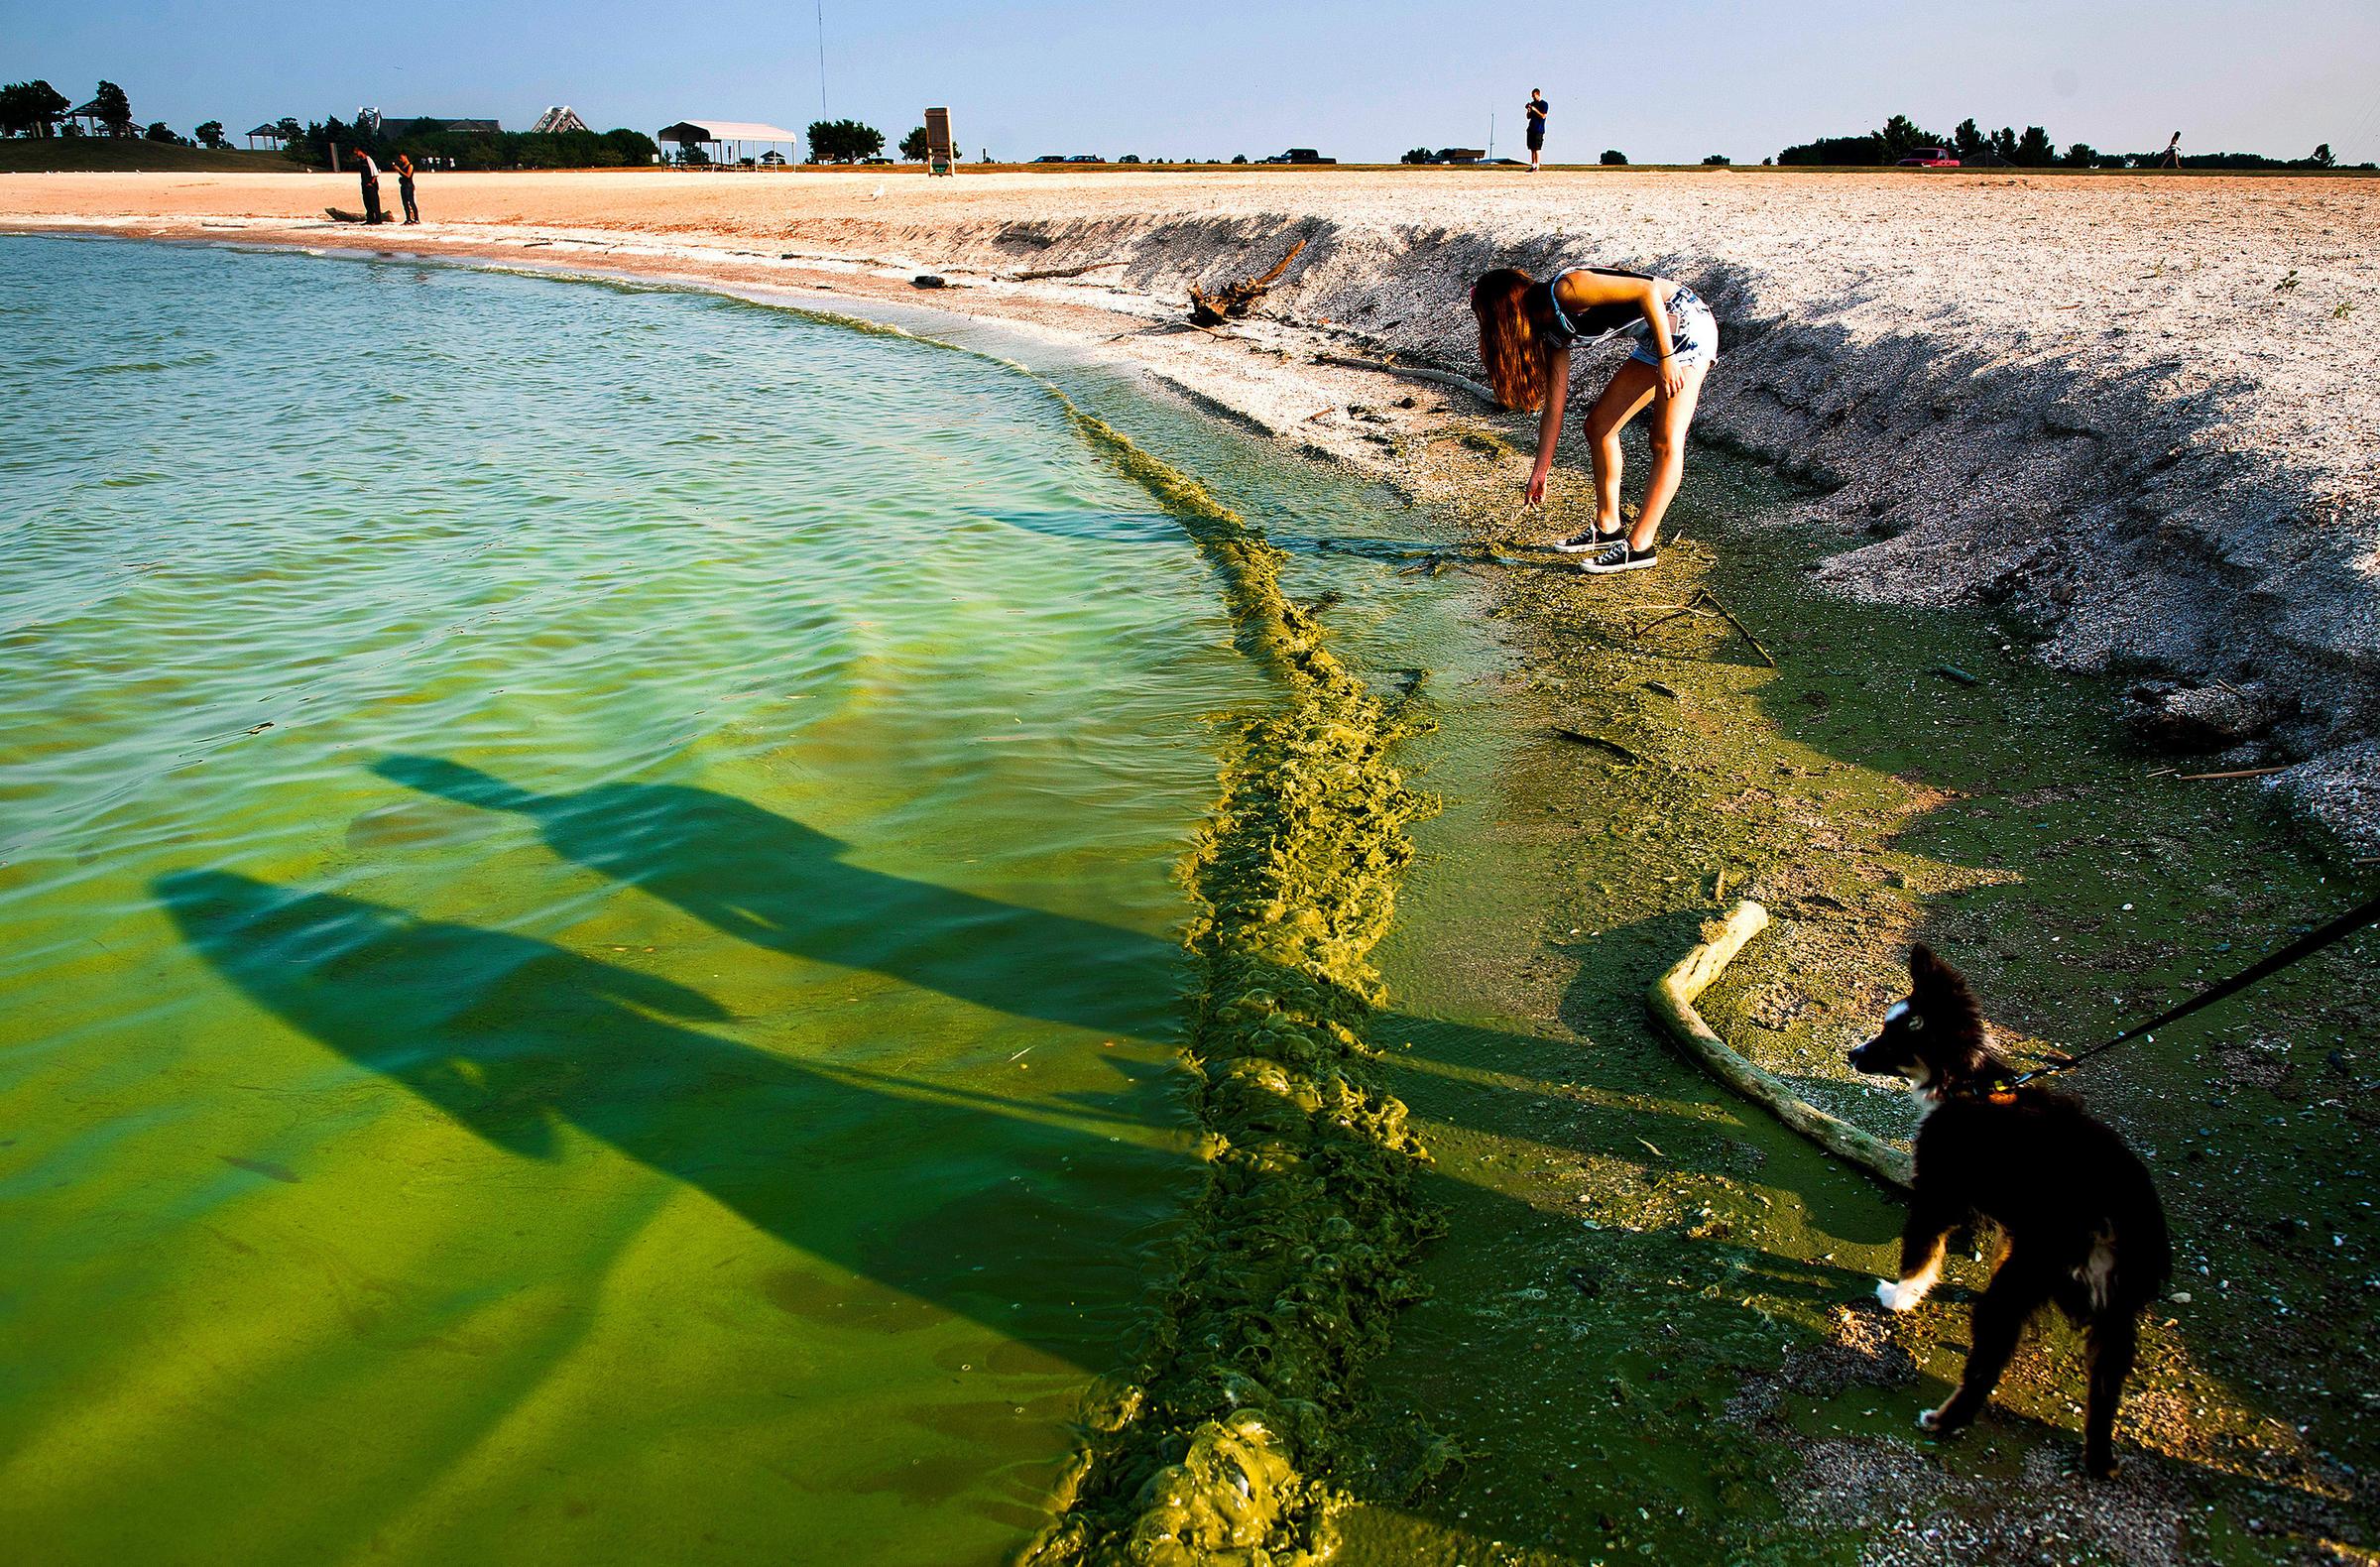 Algae Toxins In Drinking Water Sickened People In 2 Outbreaks